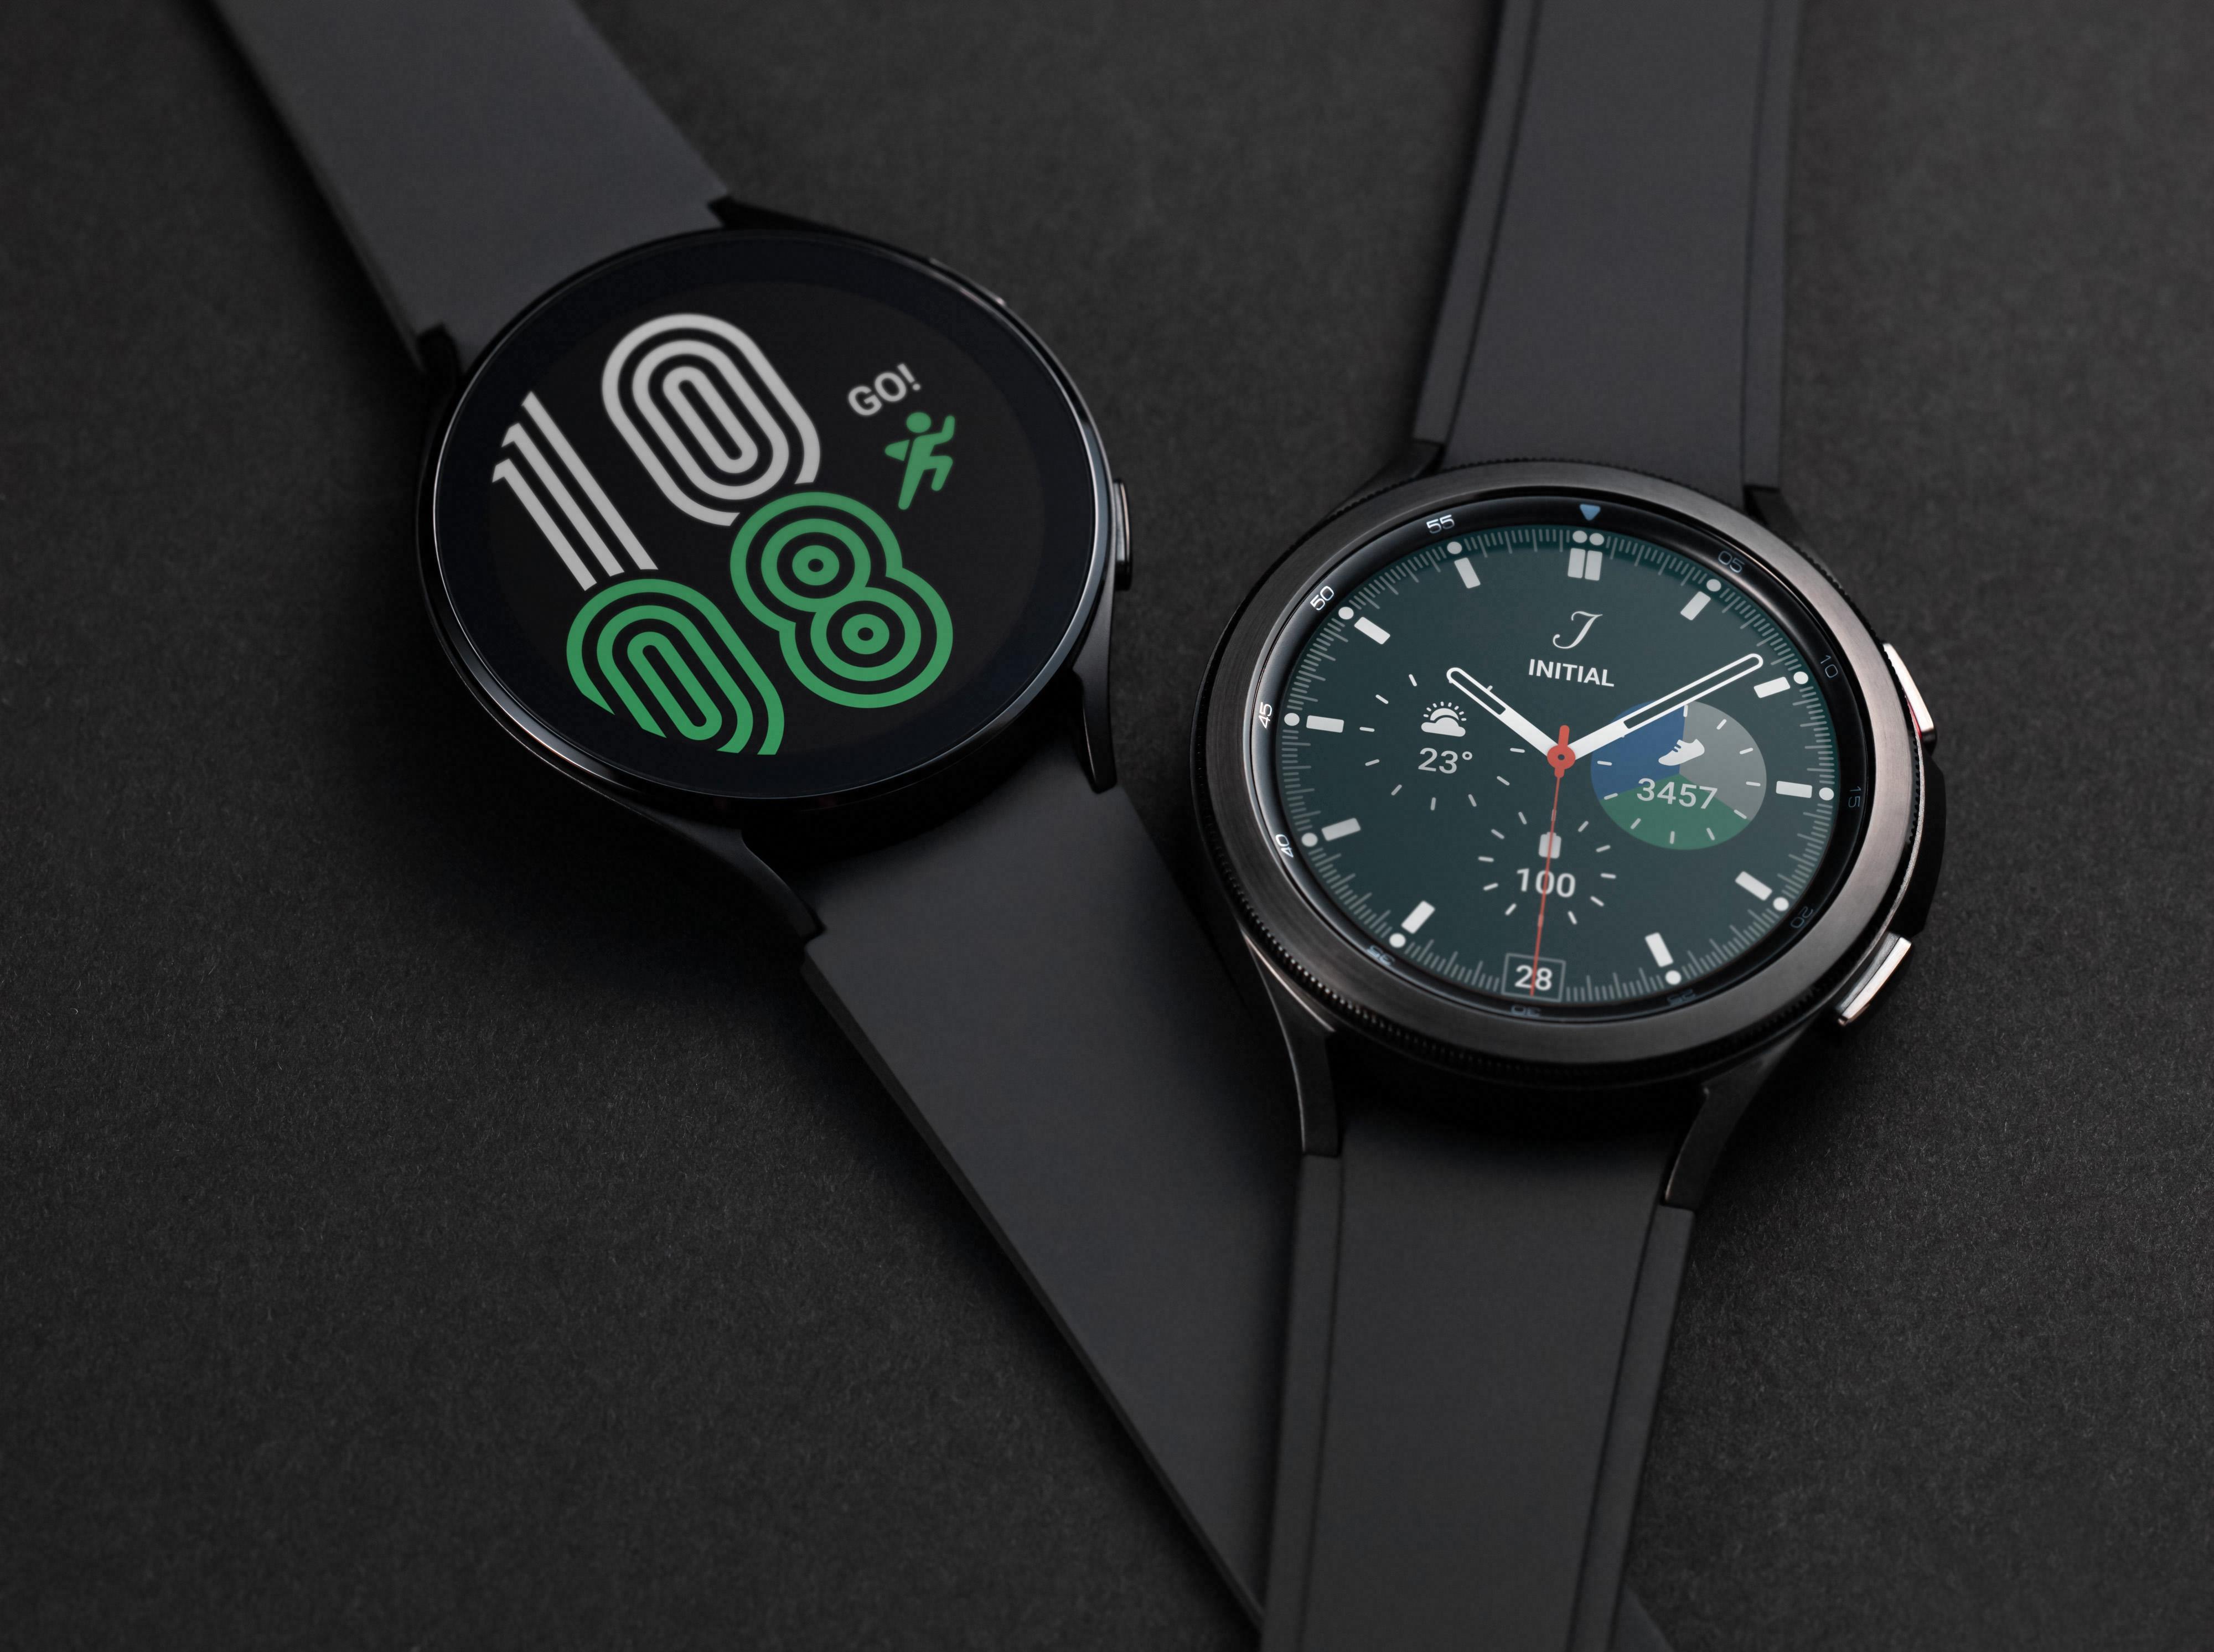 Galaxy Watch 4 kommer i to designvarianter - en «vanlig» og en litt dyrere Classic-utgave som har beholdt den gamle dreieskiven rundt skjermen.